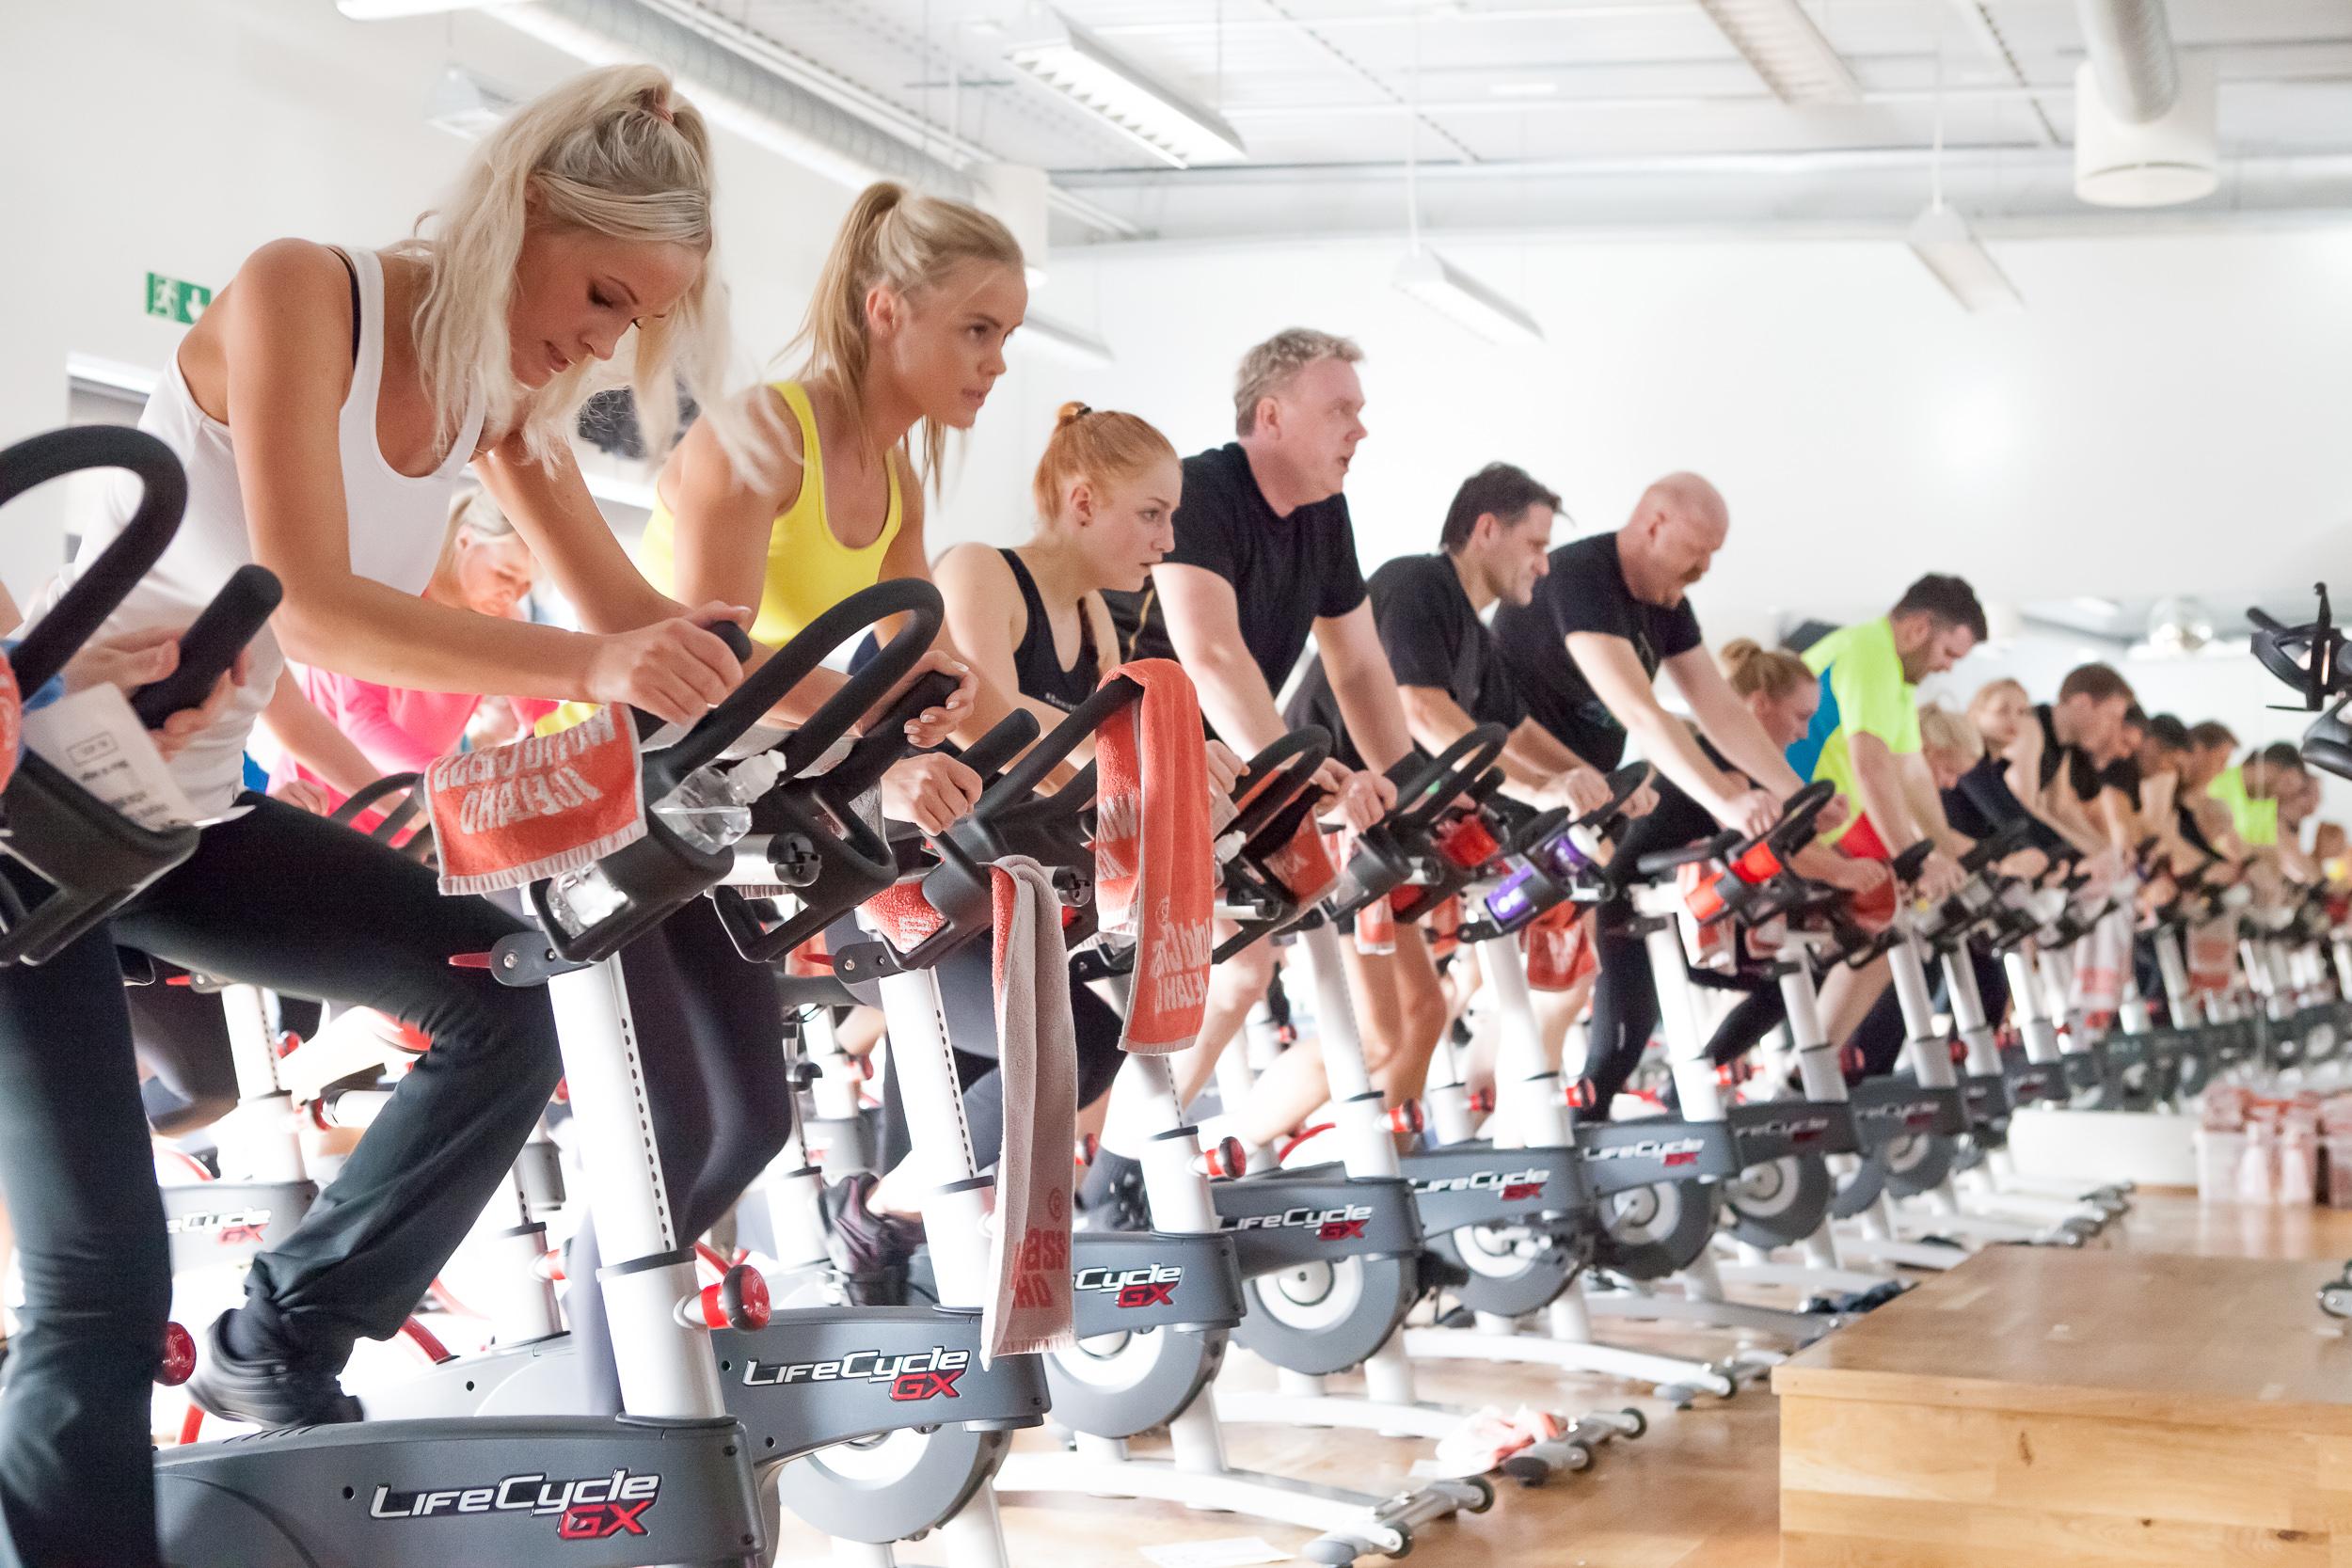 Сайкл для похудения: программа тренировки, отзывы, противопоказания к фитнесу